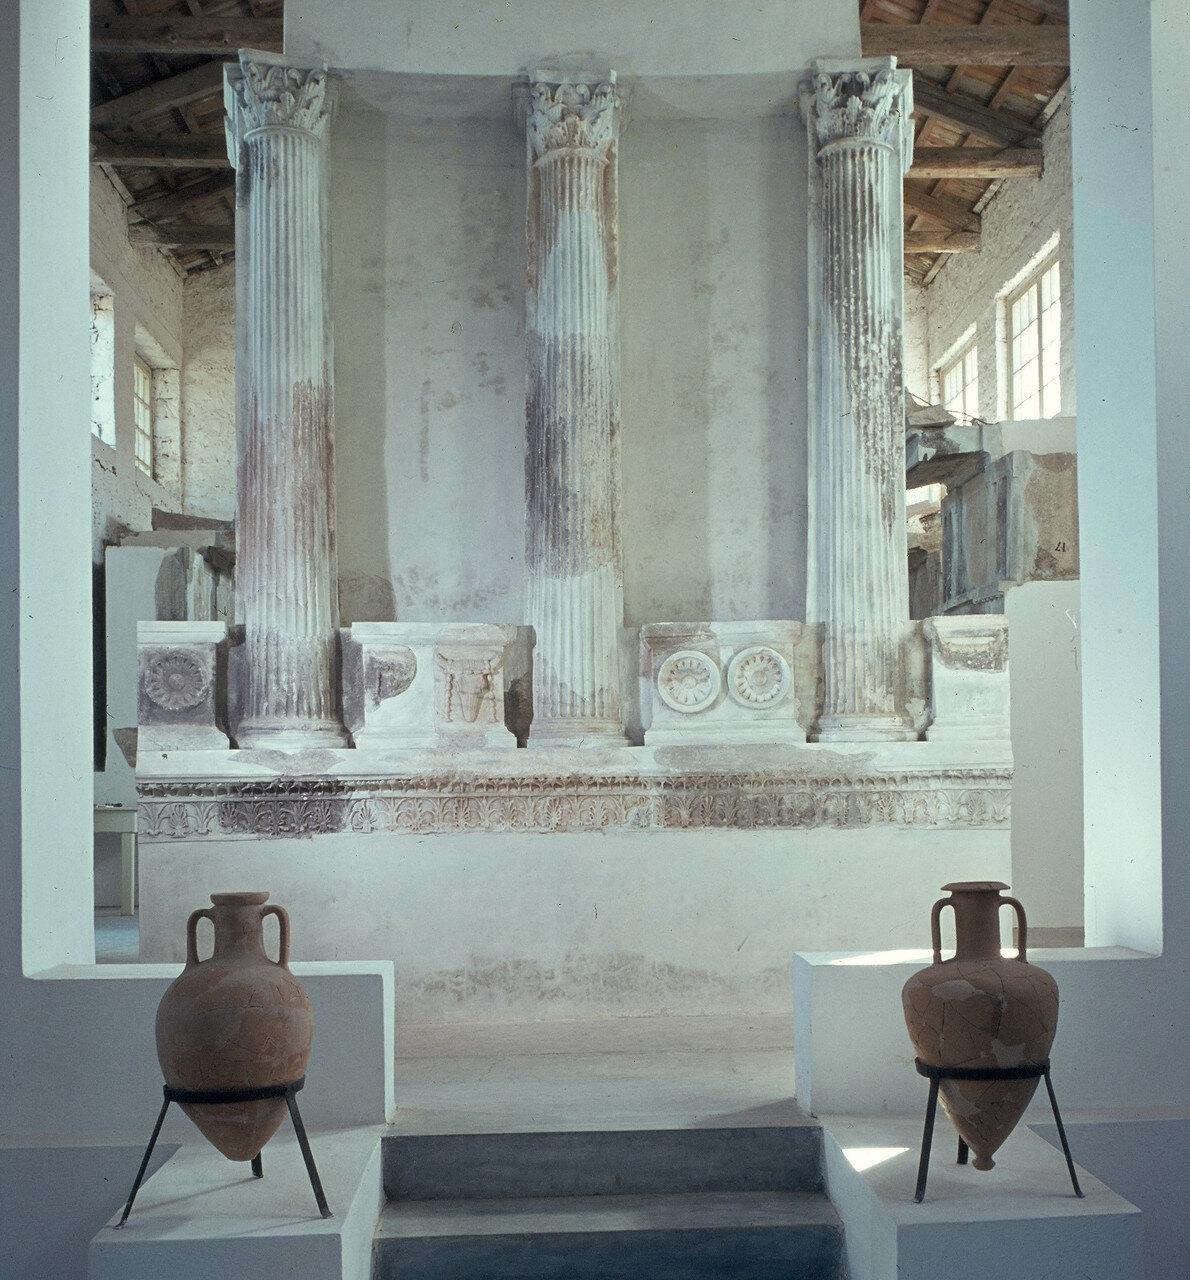 Самофракия. Музей. Колонны карниза Арсинойона начала 3-го века. до н.э. 1964.